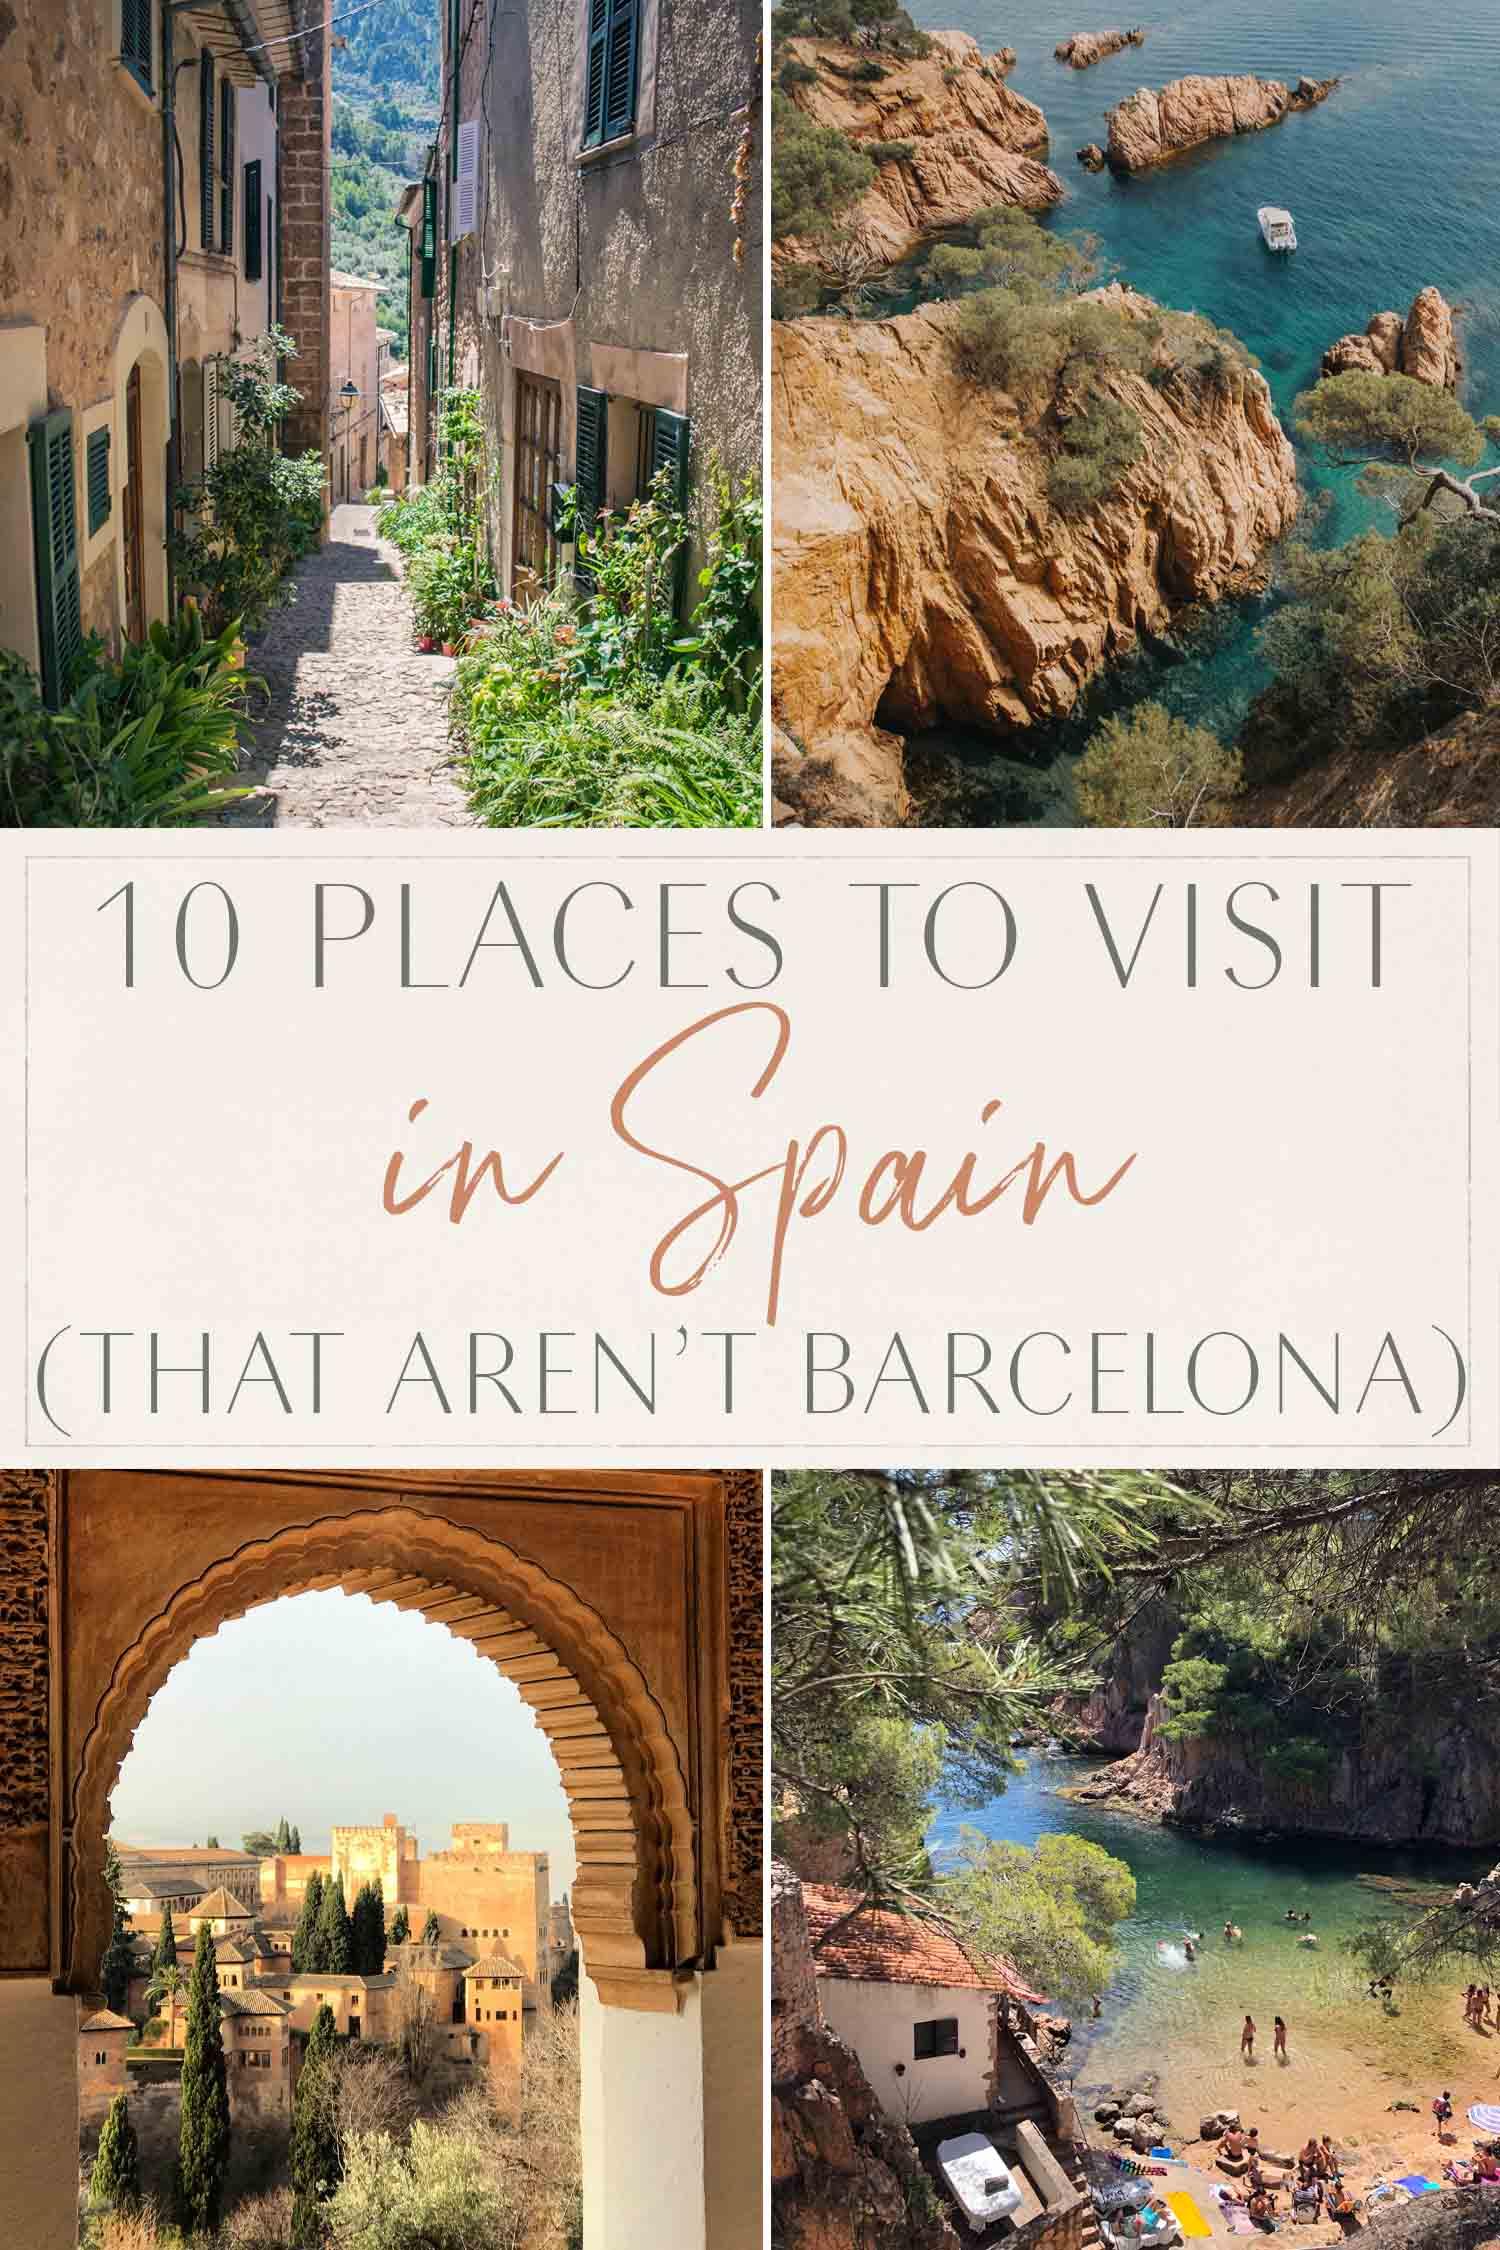 10 places spain